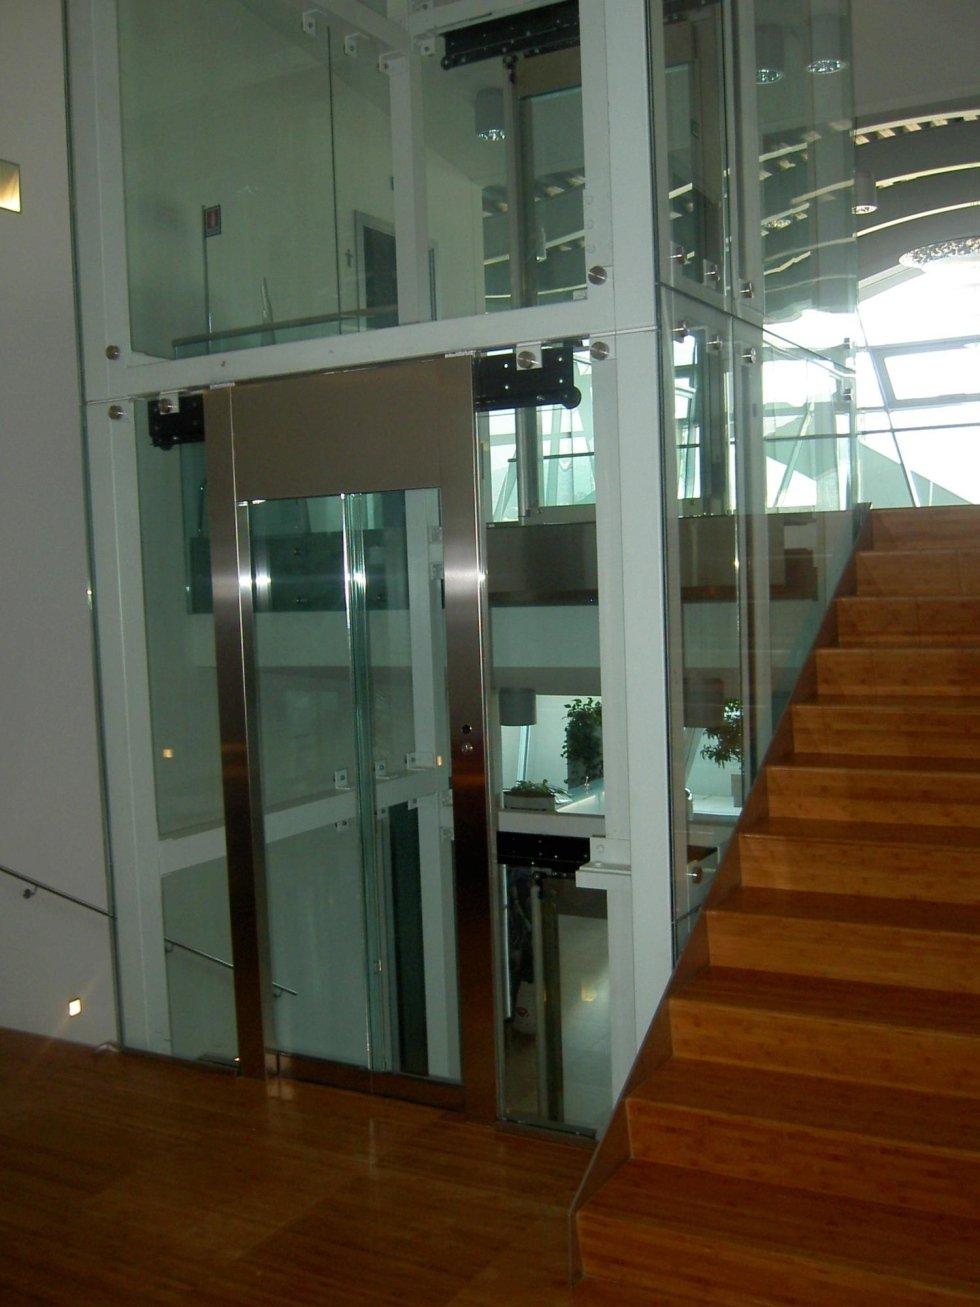 interno di un edificio con scala in legno e ascensore in vetro